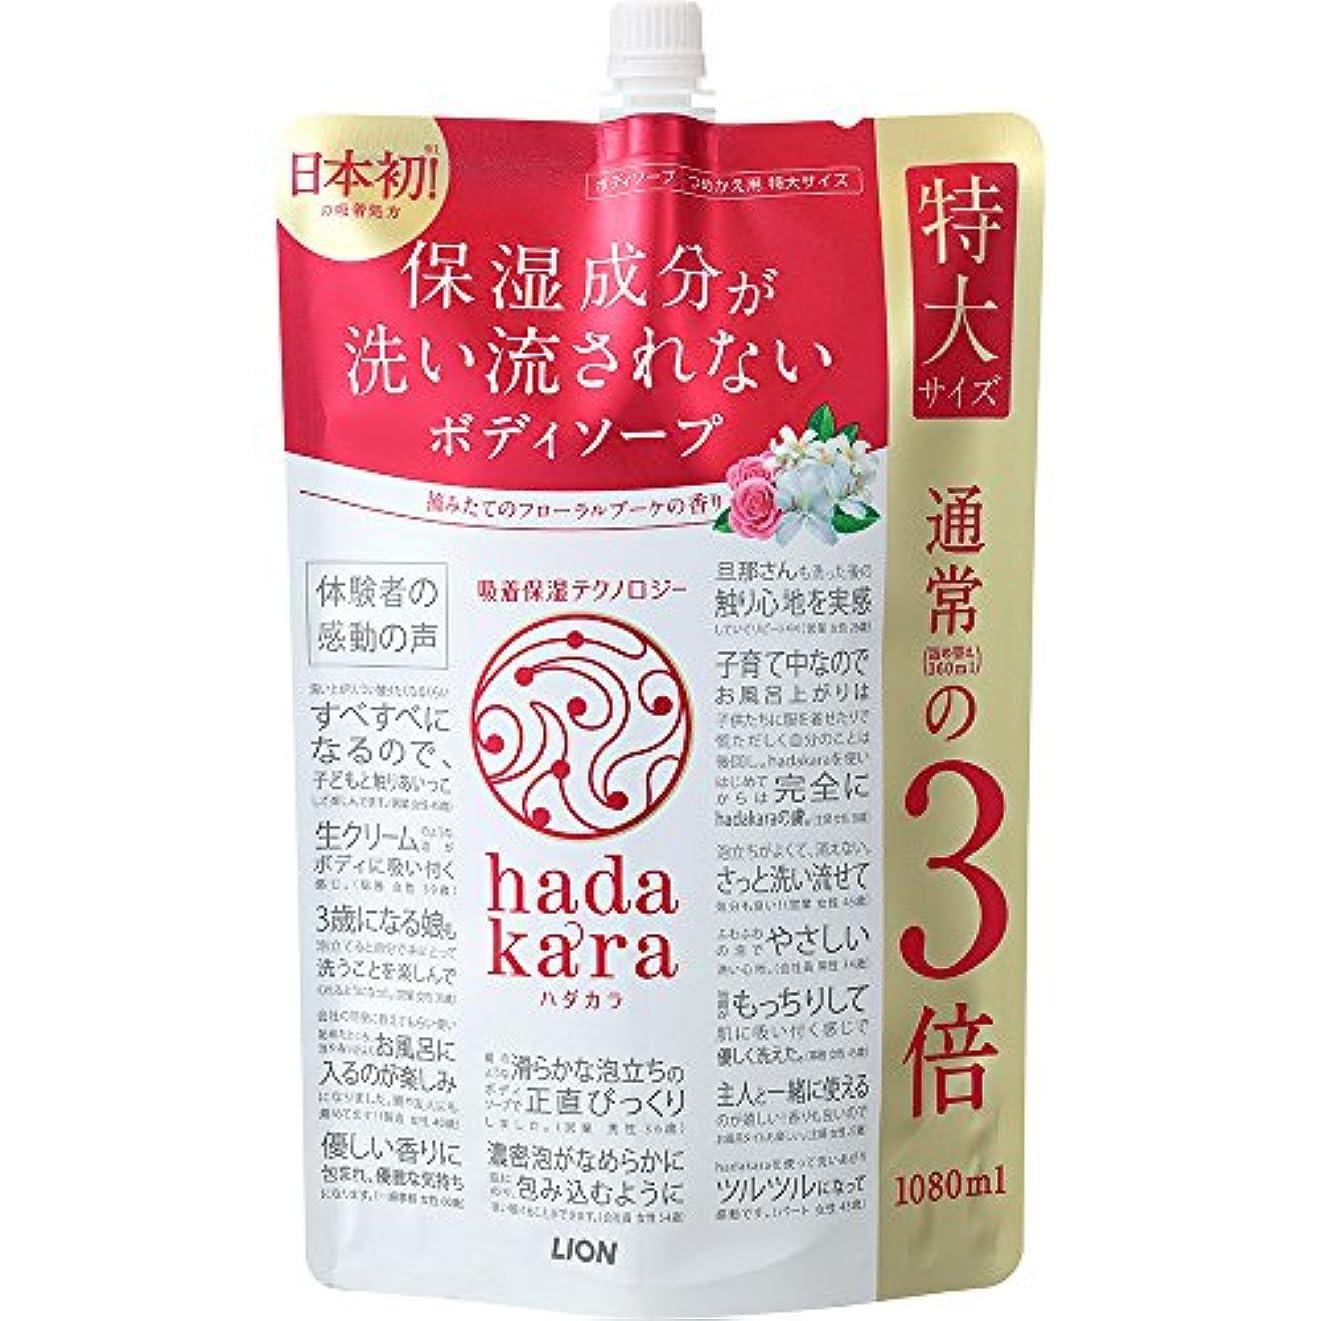 まっすぐ相対性理論馬鹿げた【大容量】hadakara(ハダカラ) ボディソープ フローラルブーケの香り 詰め替え 特大 1080ml